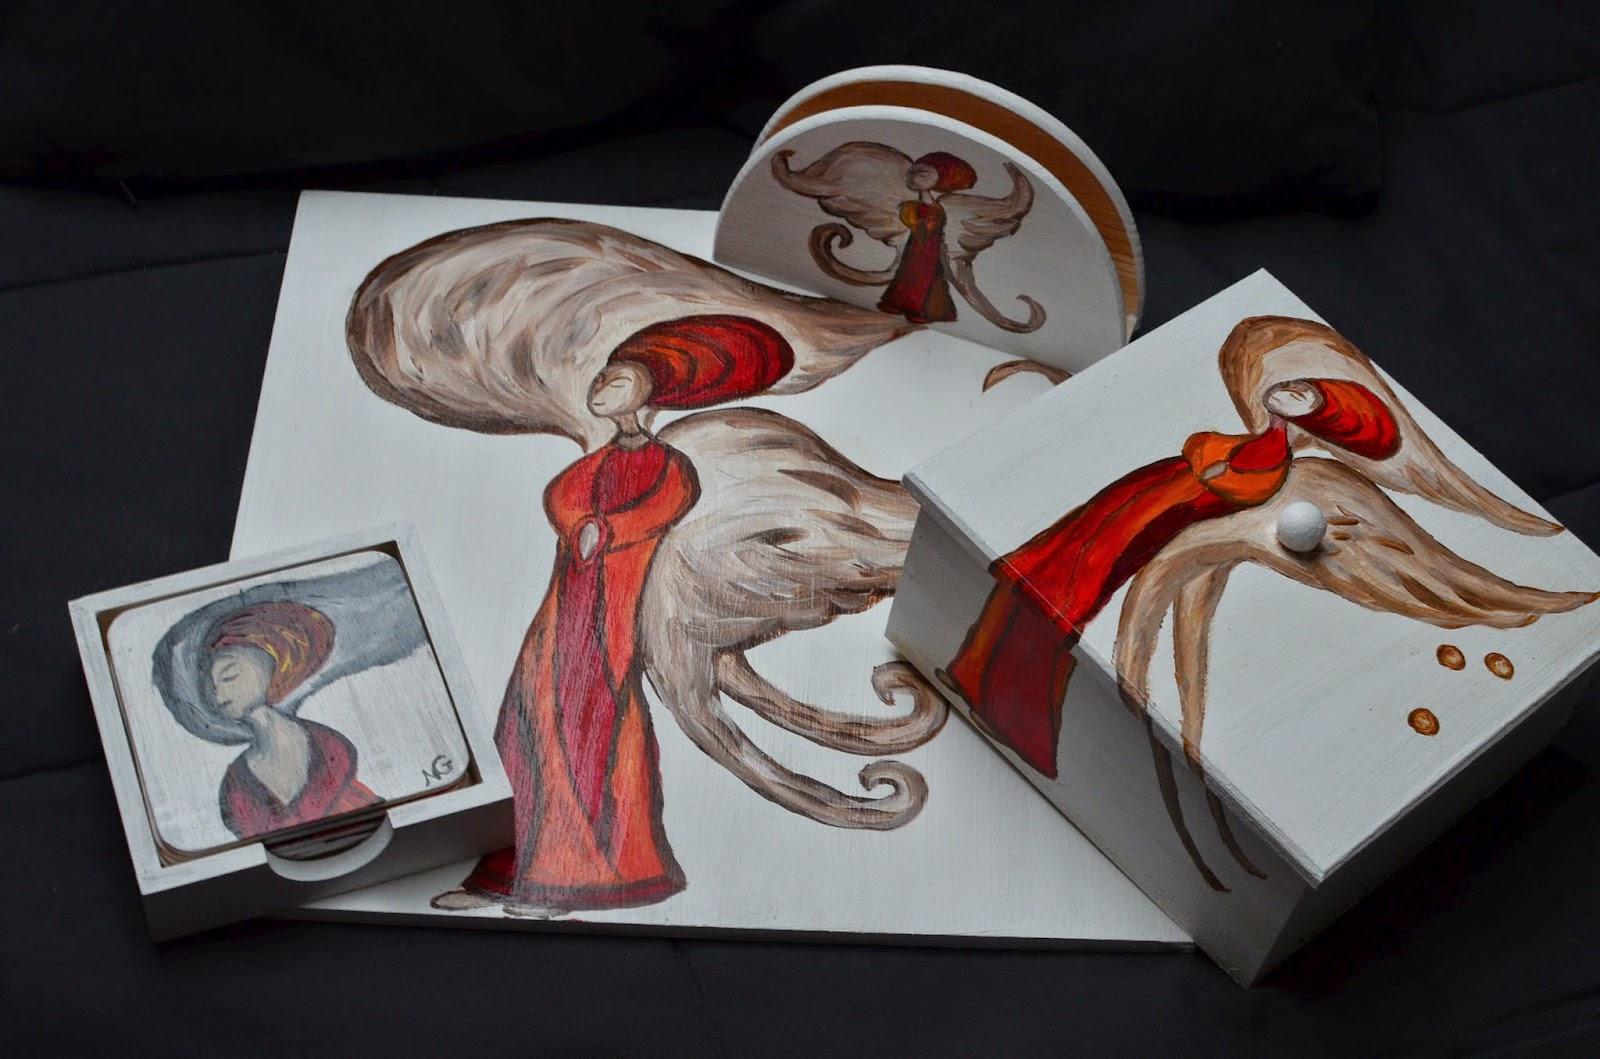 anioł komplet herbaciarka szkatułka podkladka